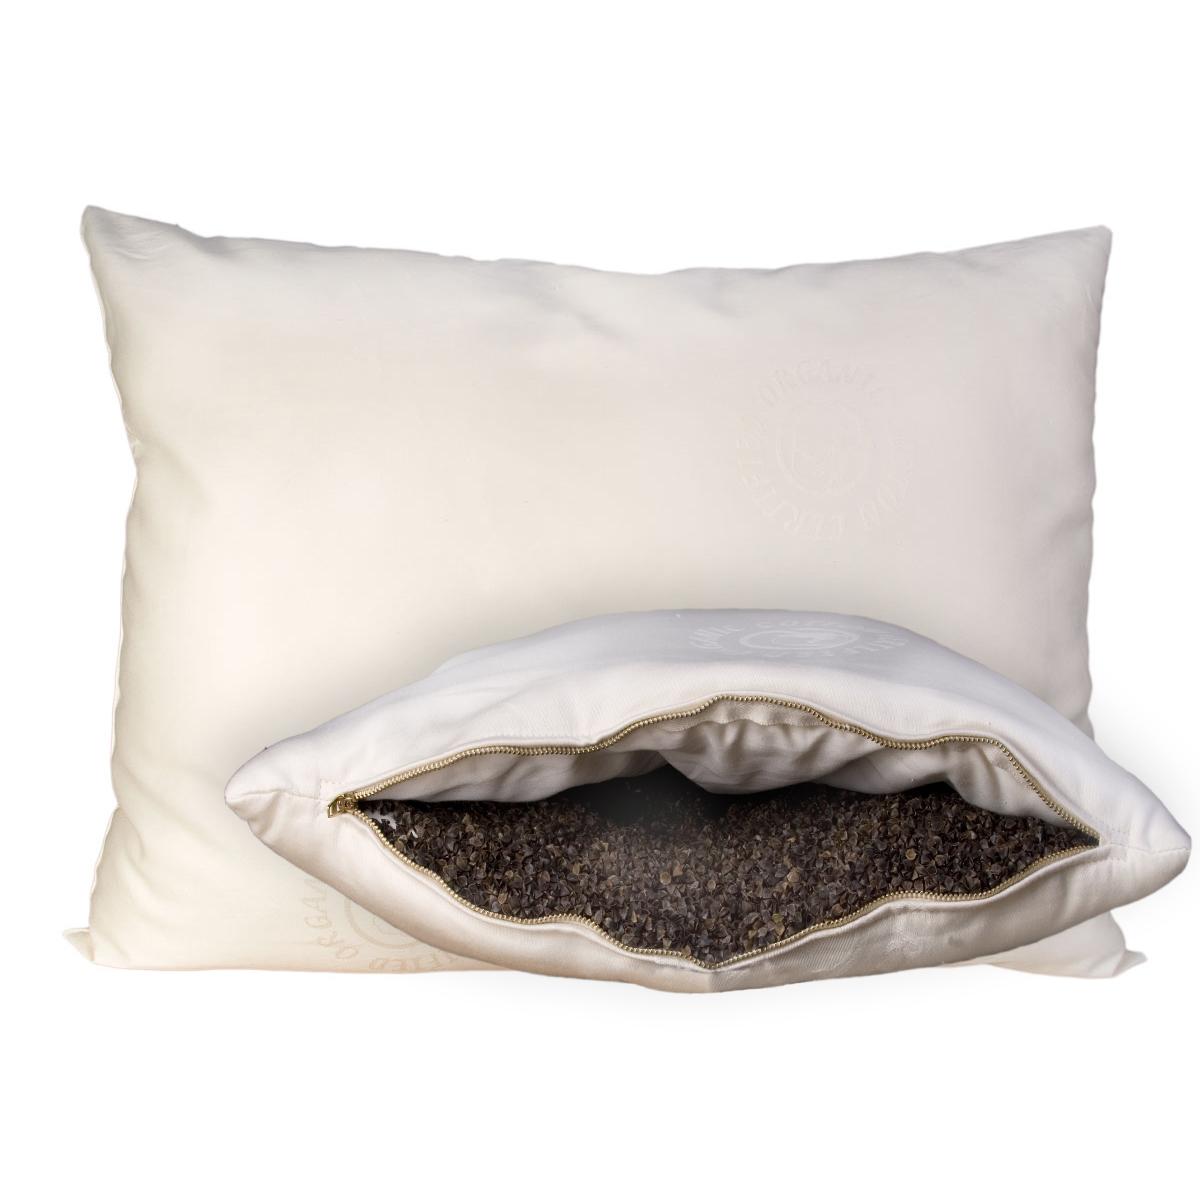 Wool-Wrapped Organic Buckwheat Hull Pillow